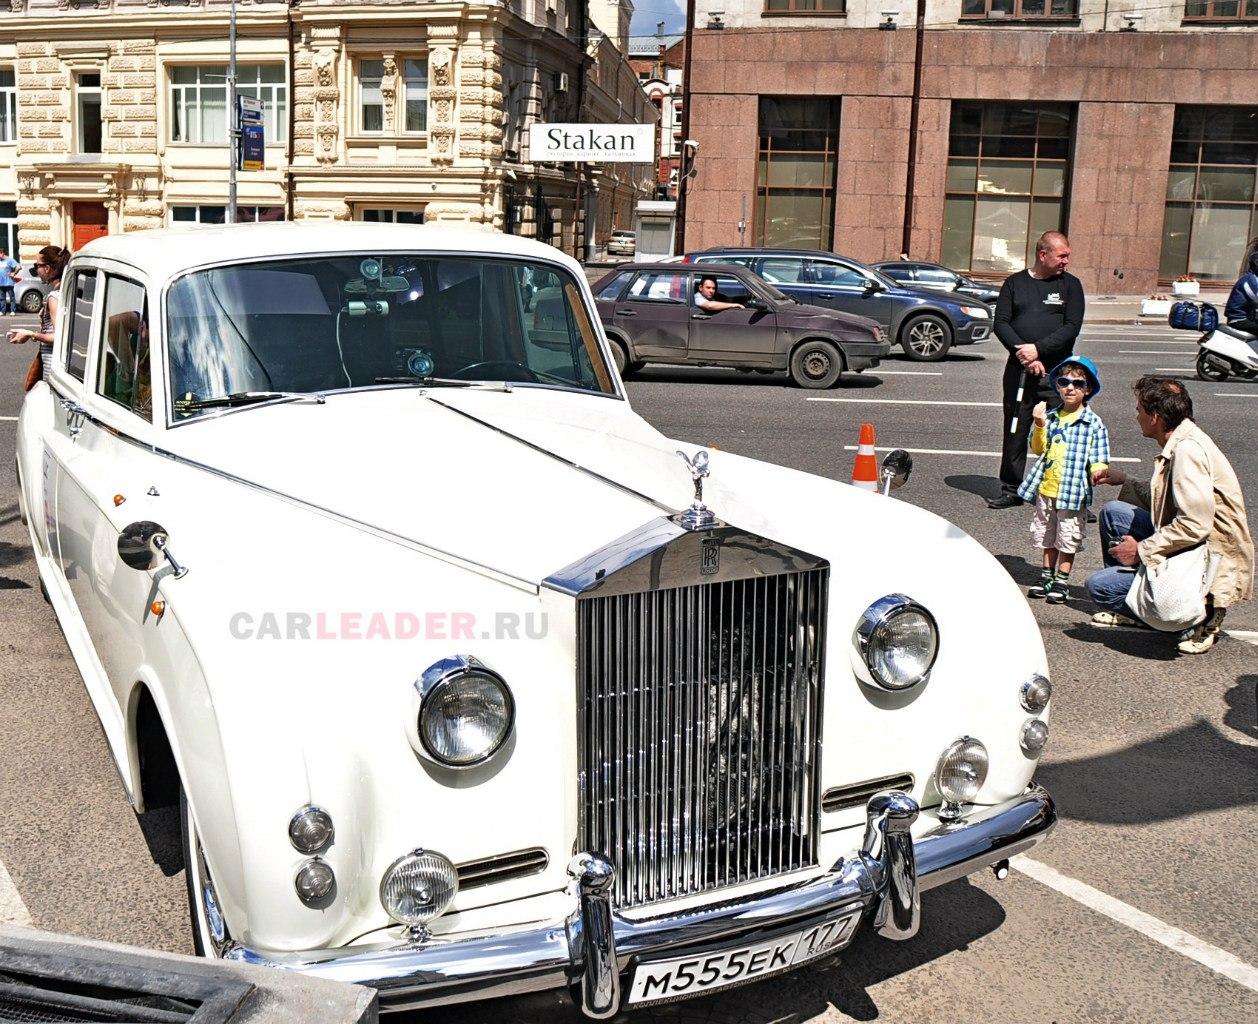 Rolls-Royce Chopard